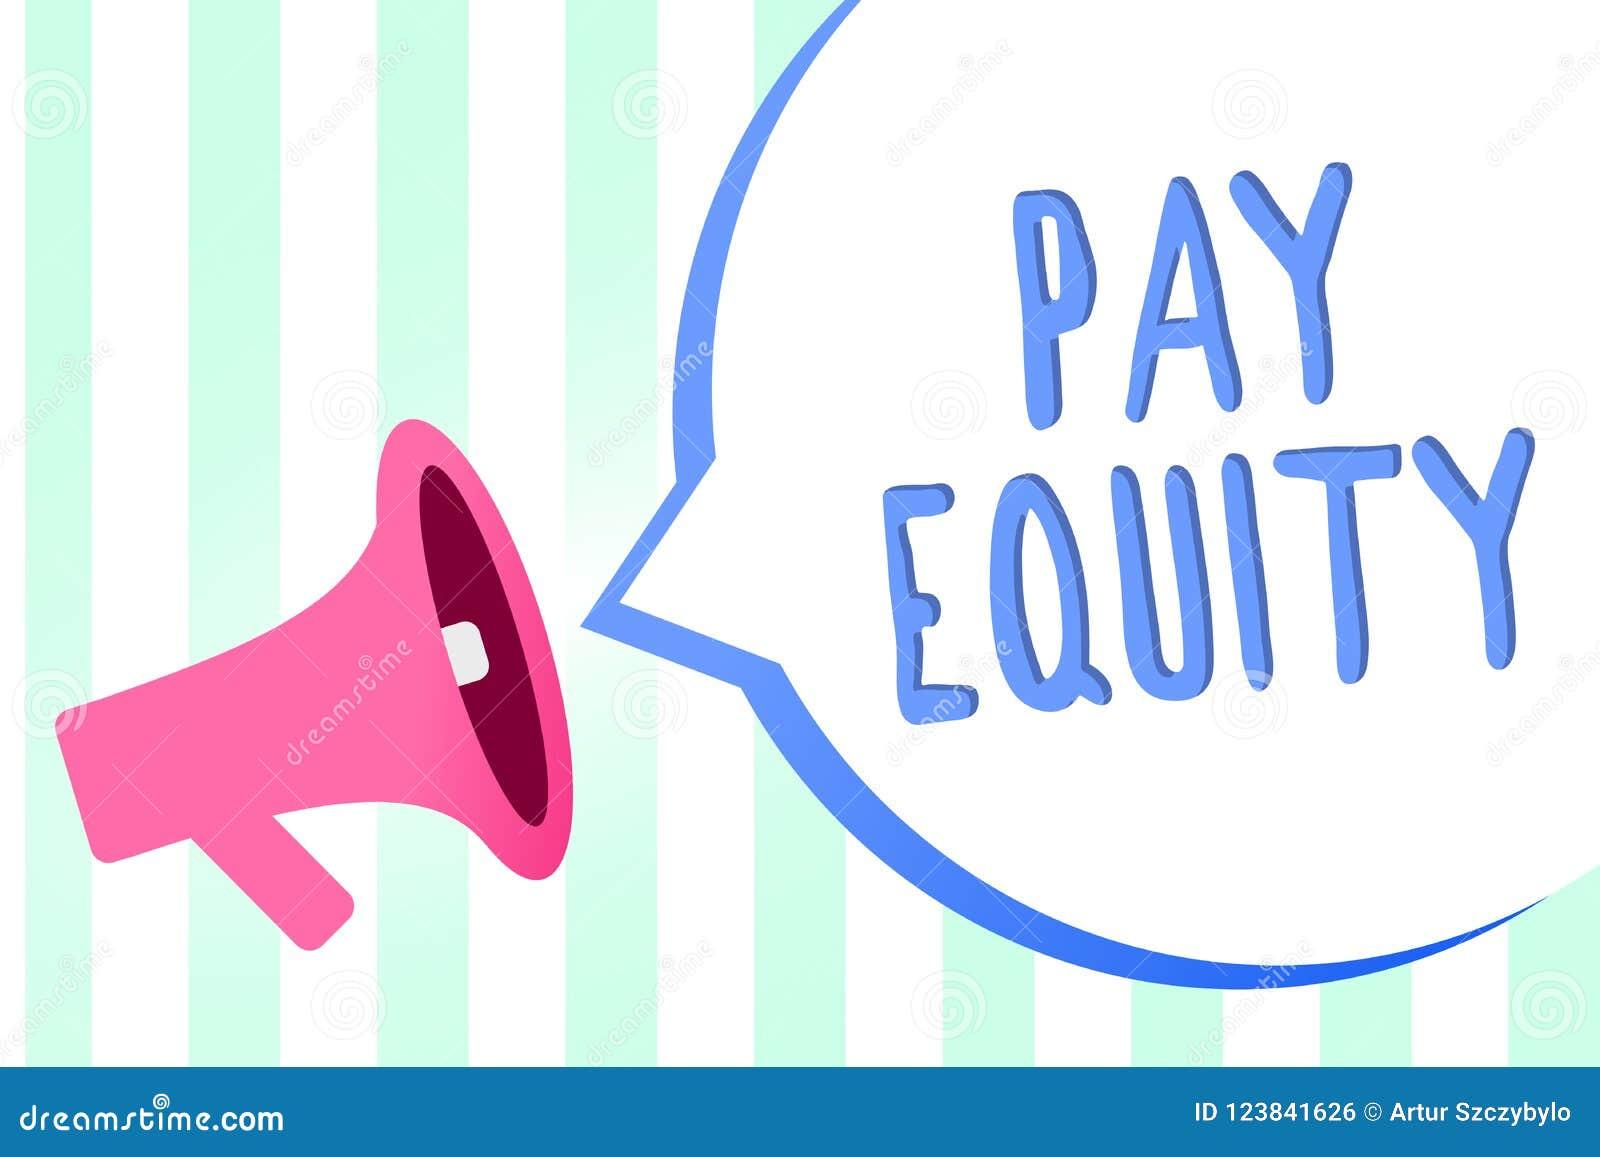 Το κείμενο γραφής πληρώνει τη δικαιοσύνη Έννοια που σημαίνει εξαλείφοντας τη διάκριση φύλων και φυλών Megaphone συστημάτων αμοιβώ